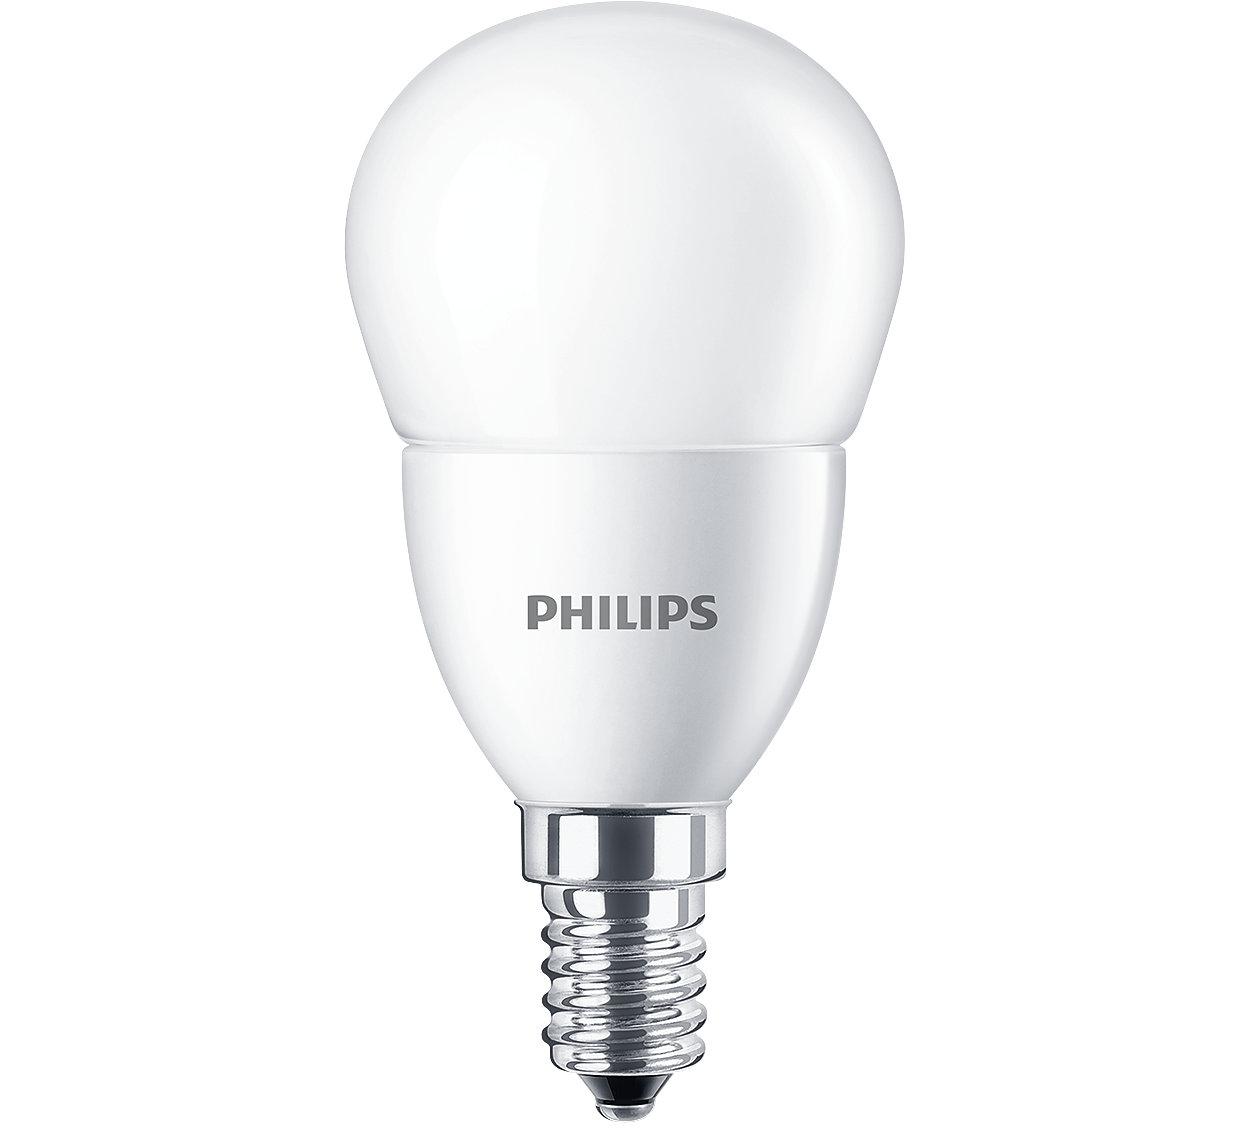 Przystępne cenowo rozwiązanie dla świeczek i żyrandoli LED